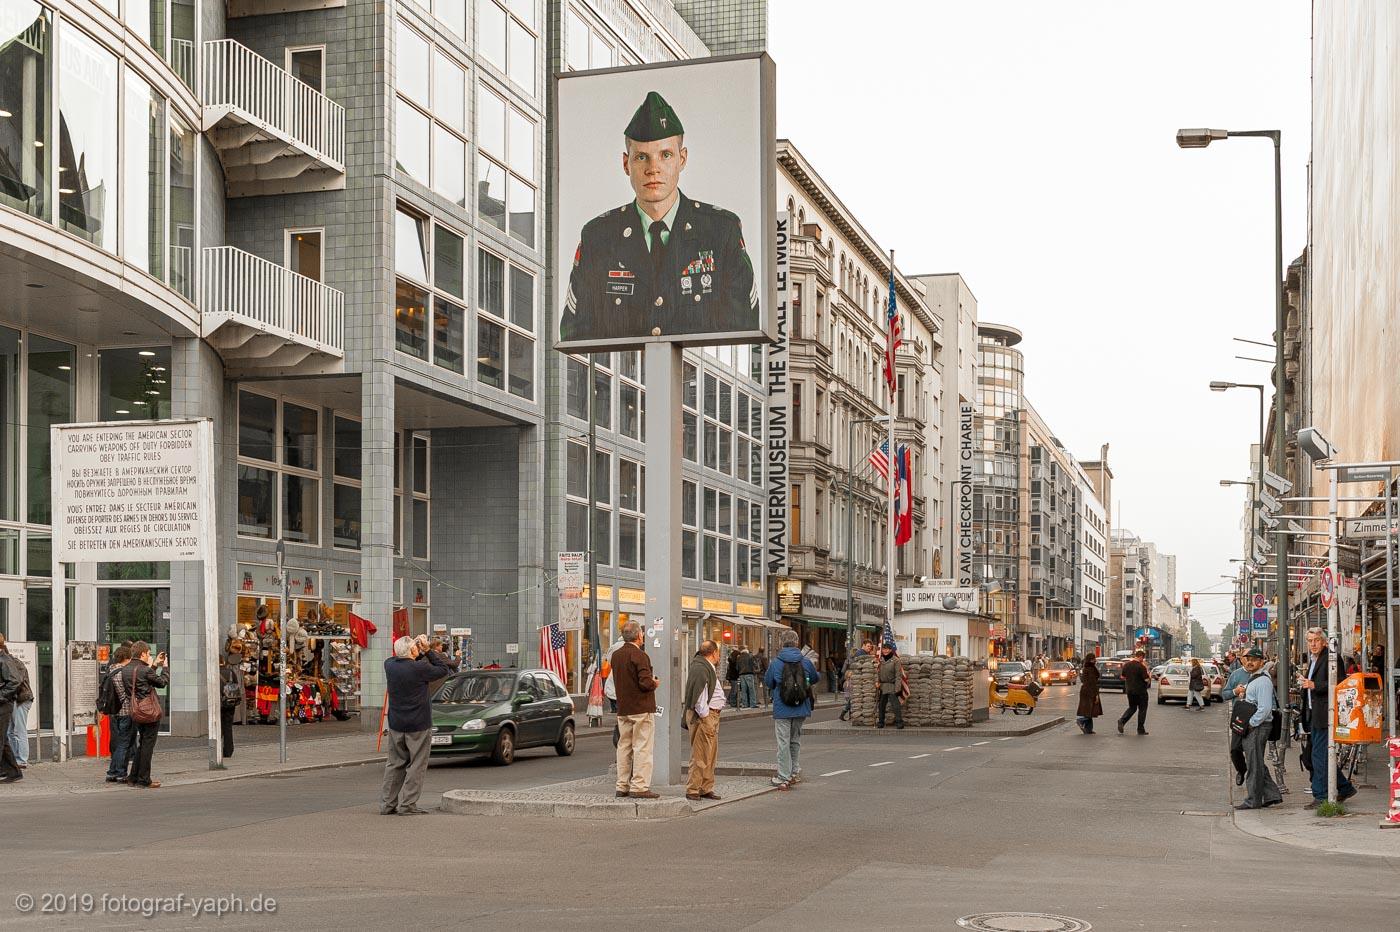 Der Checkpoint Charlie ist einer der meistfotografierten Orte in Berlin und eine Touristenattraktion.